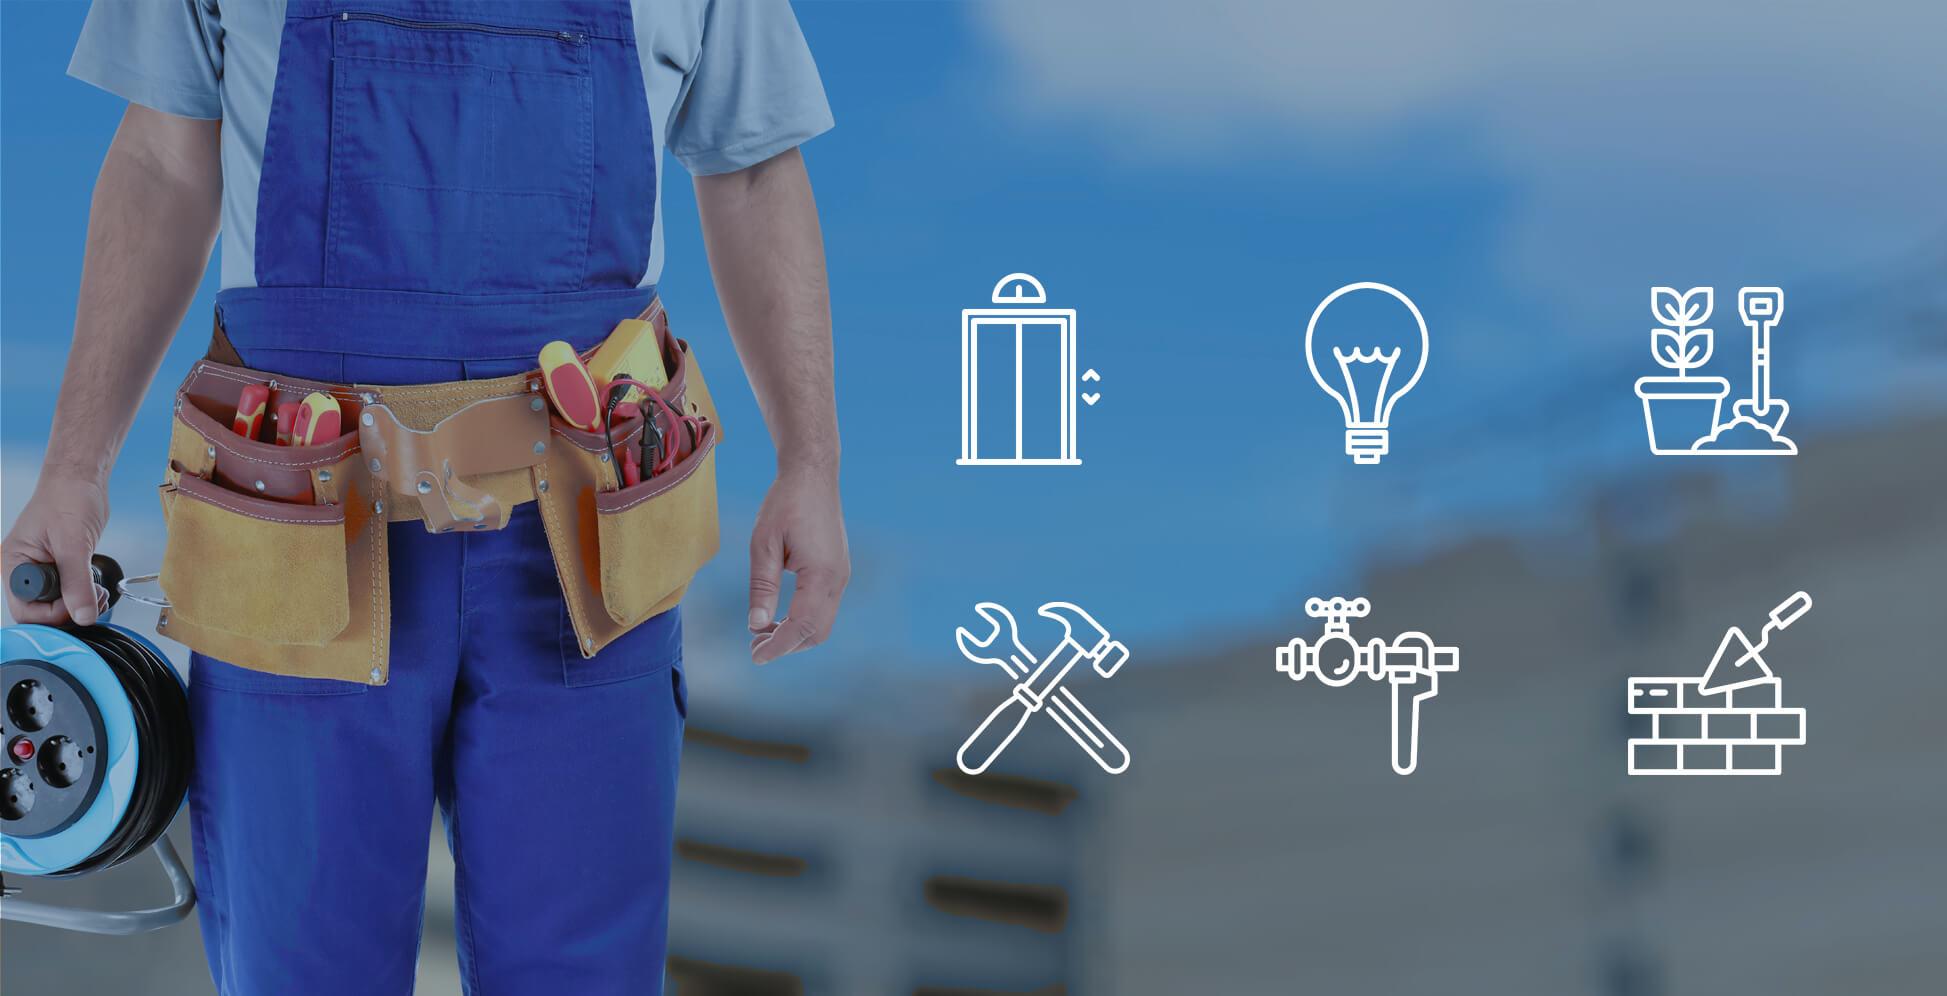 Manutenção de condominios - plano de verificações Gecond